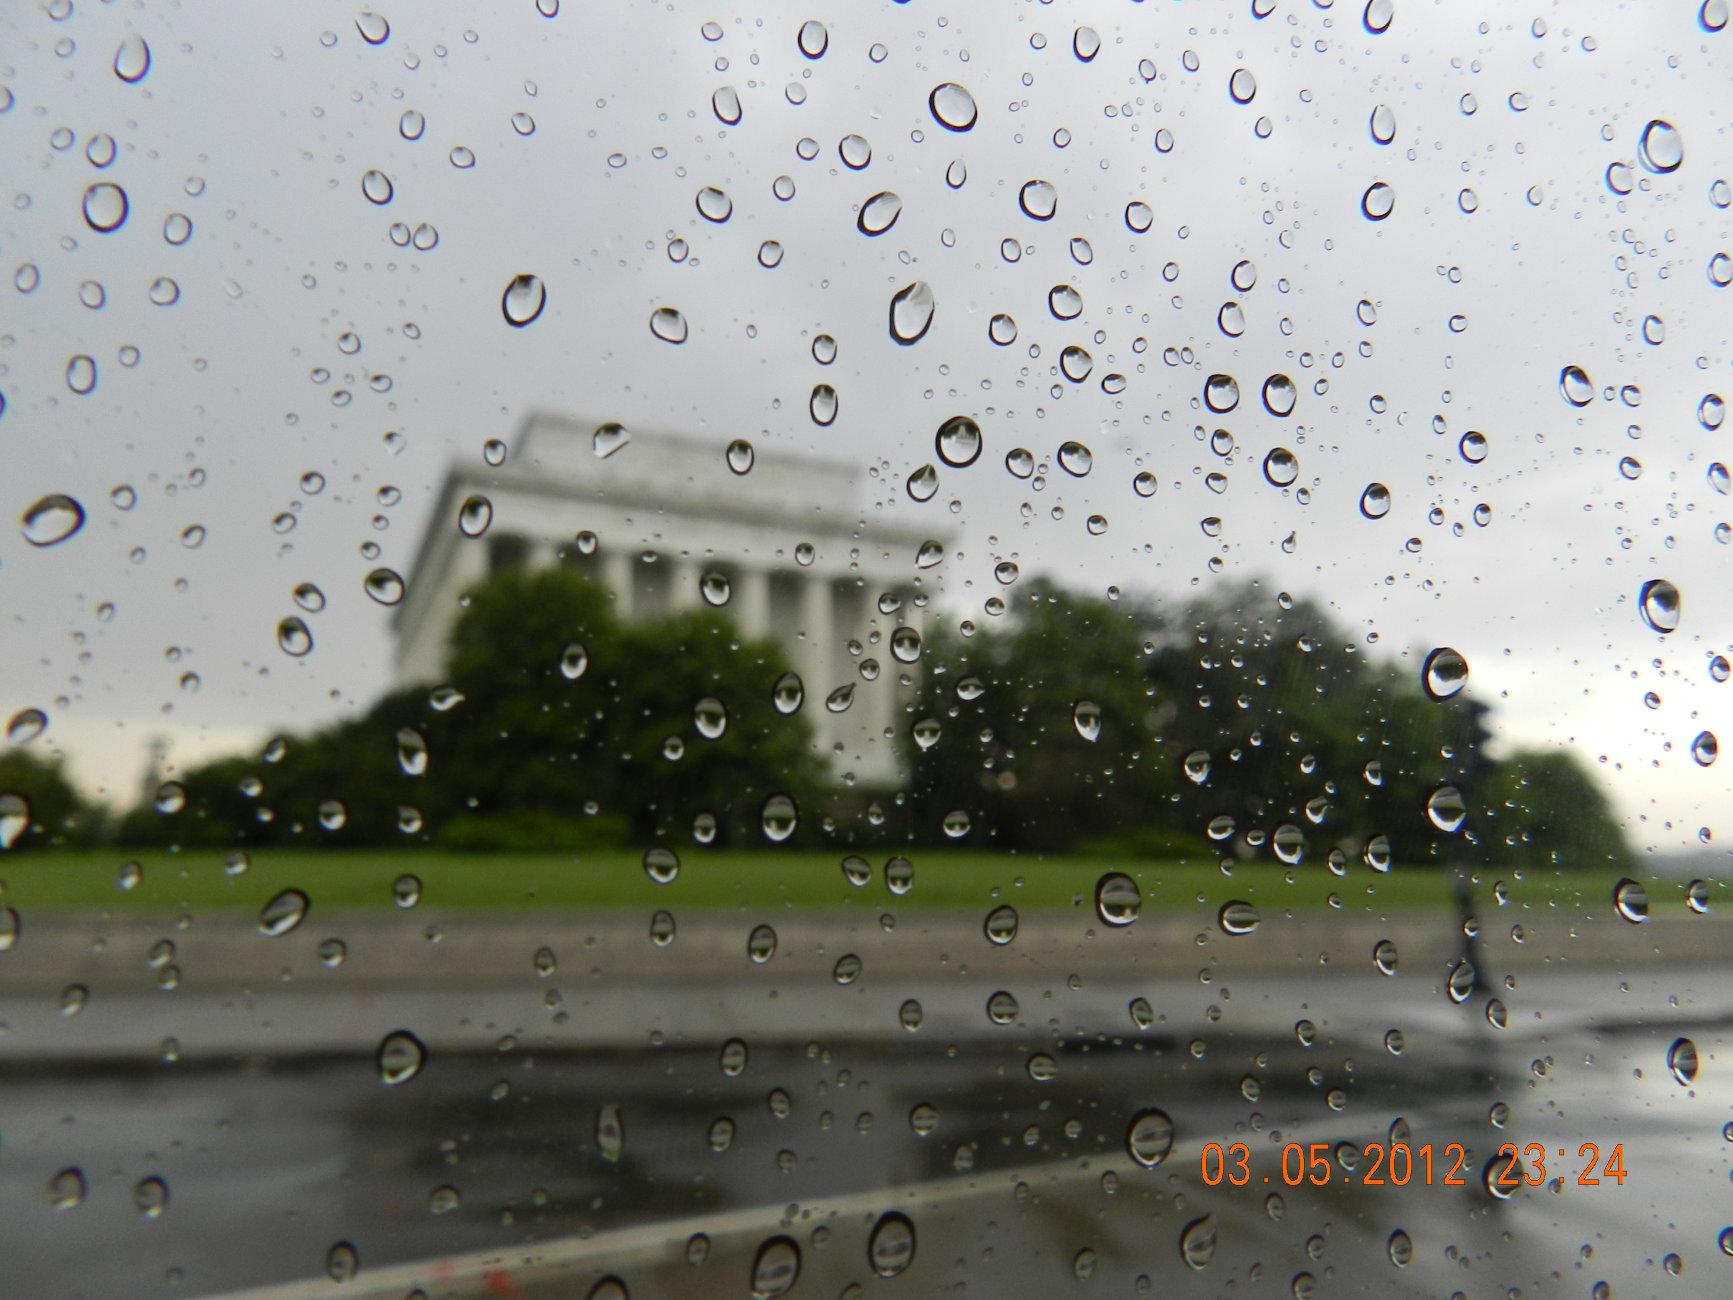 Raindrops on window.